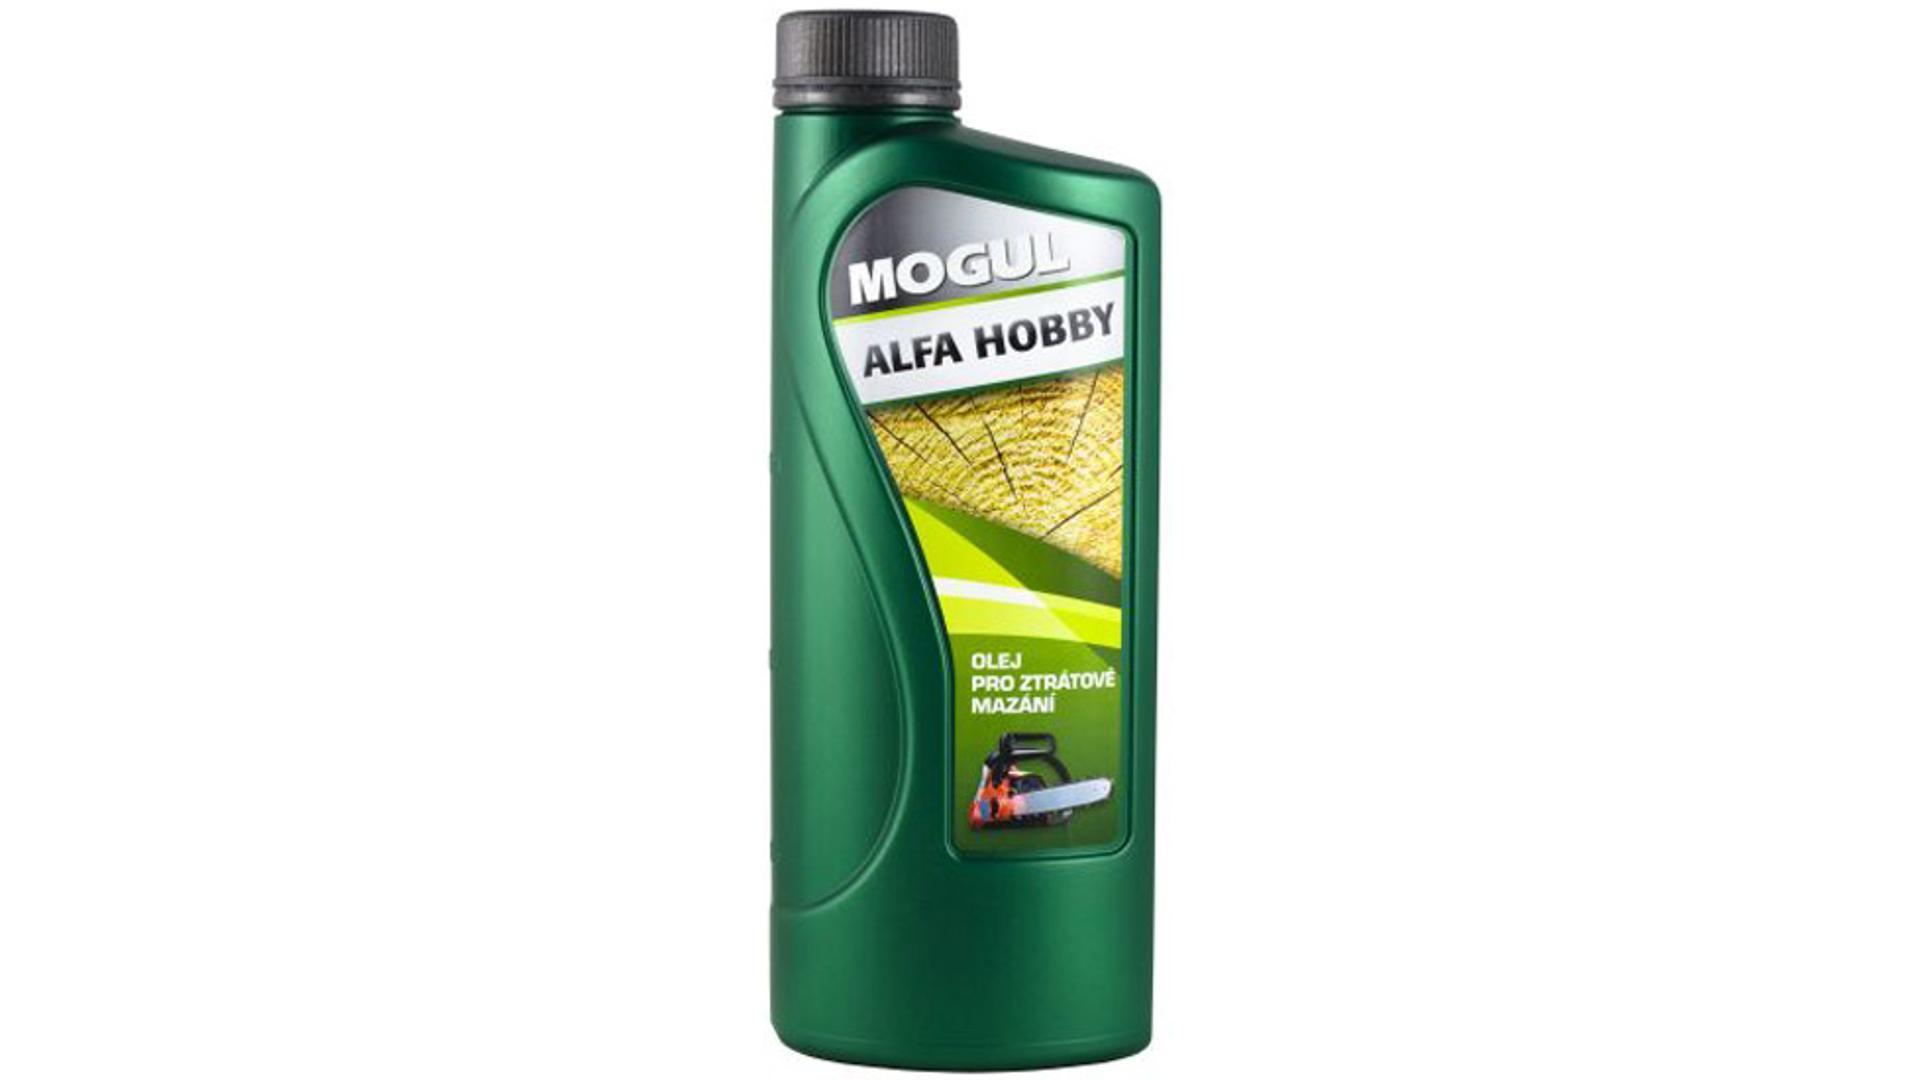 MOGUL ALFA HOBBY /1